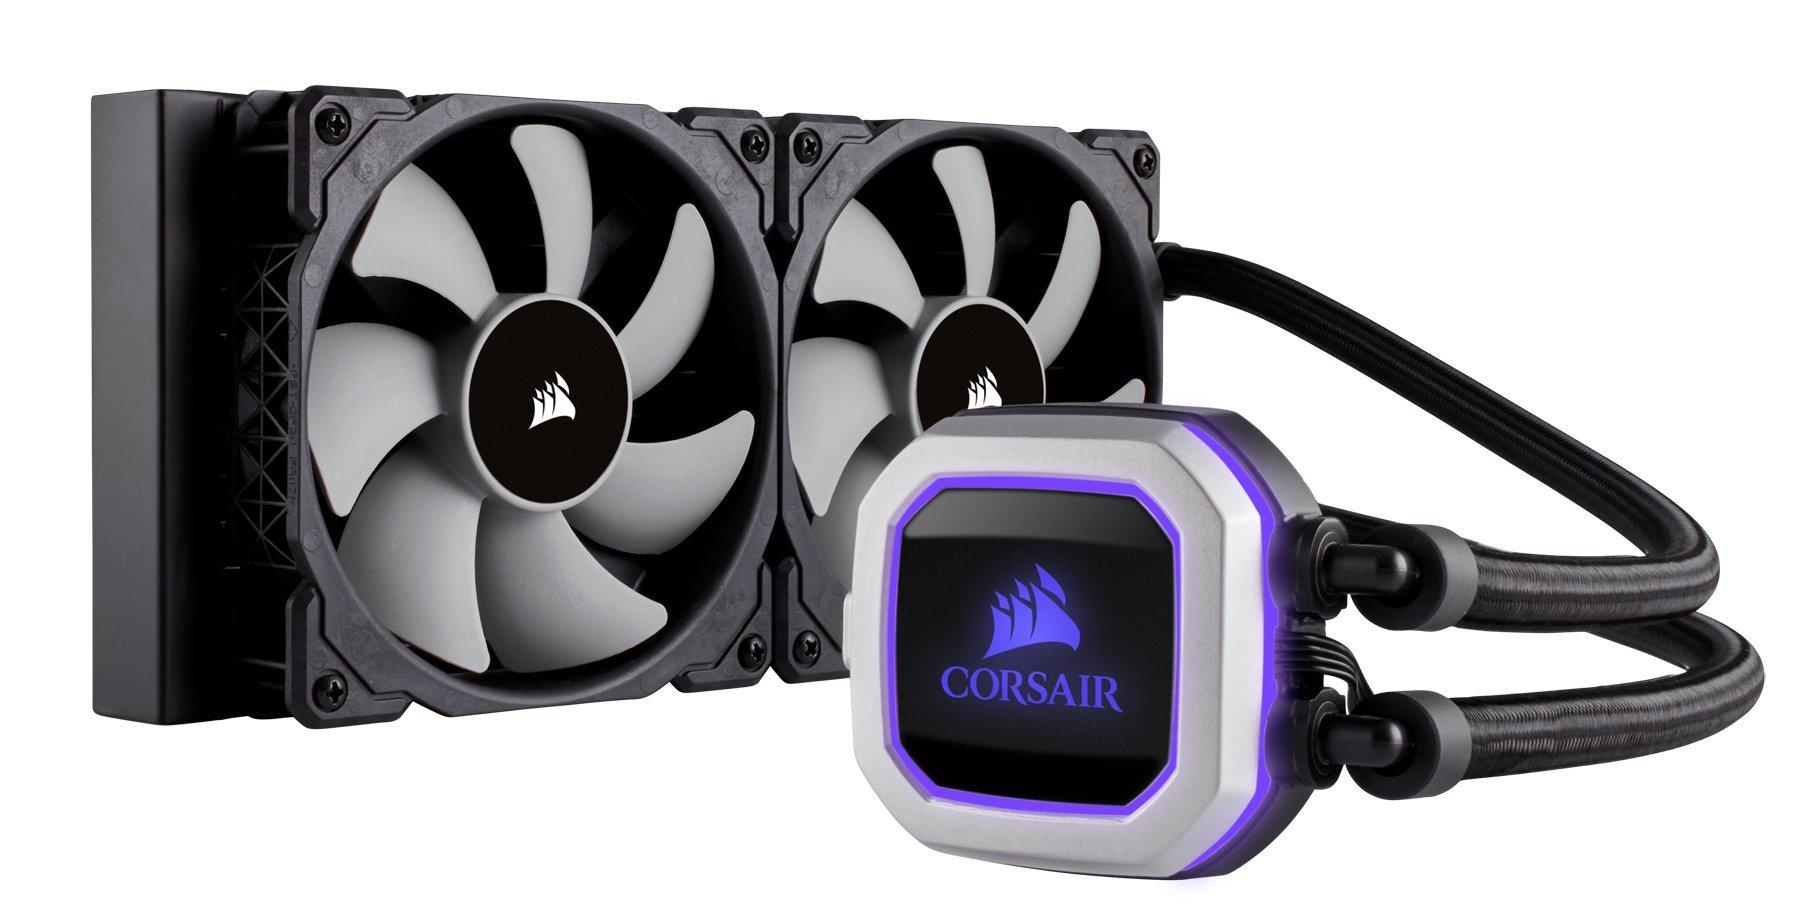 CORSAIR HYDRO Series H100i PRO RGB AIO Liquid CPU Cooler, 240mm, Dual ML120 PWM Fans, Intel 115x/2066, AMD AM4 by Corsair (Image #7)